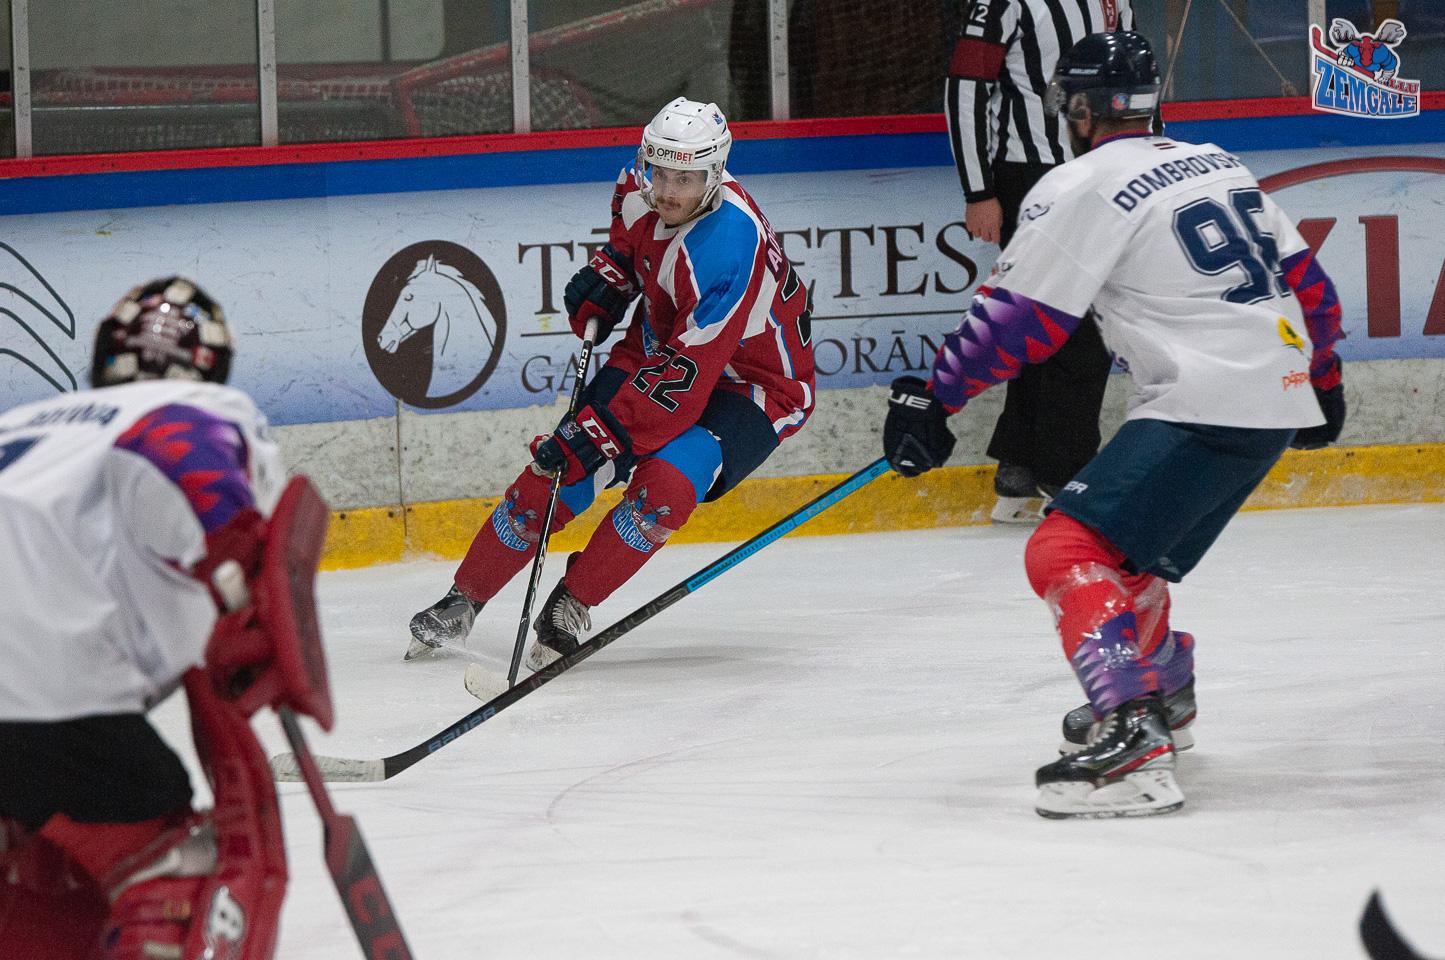 Hokejists mēģina apspēlēt pretinieka aizsargu